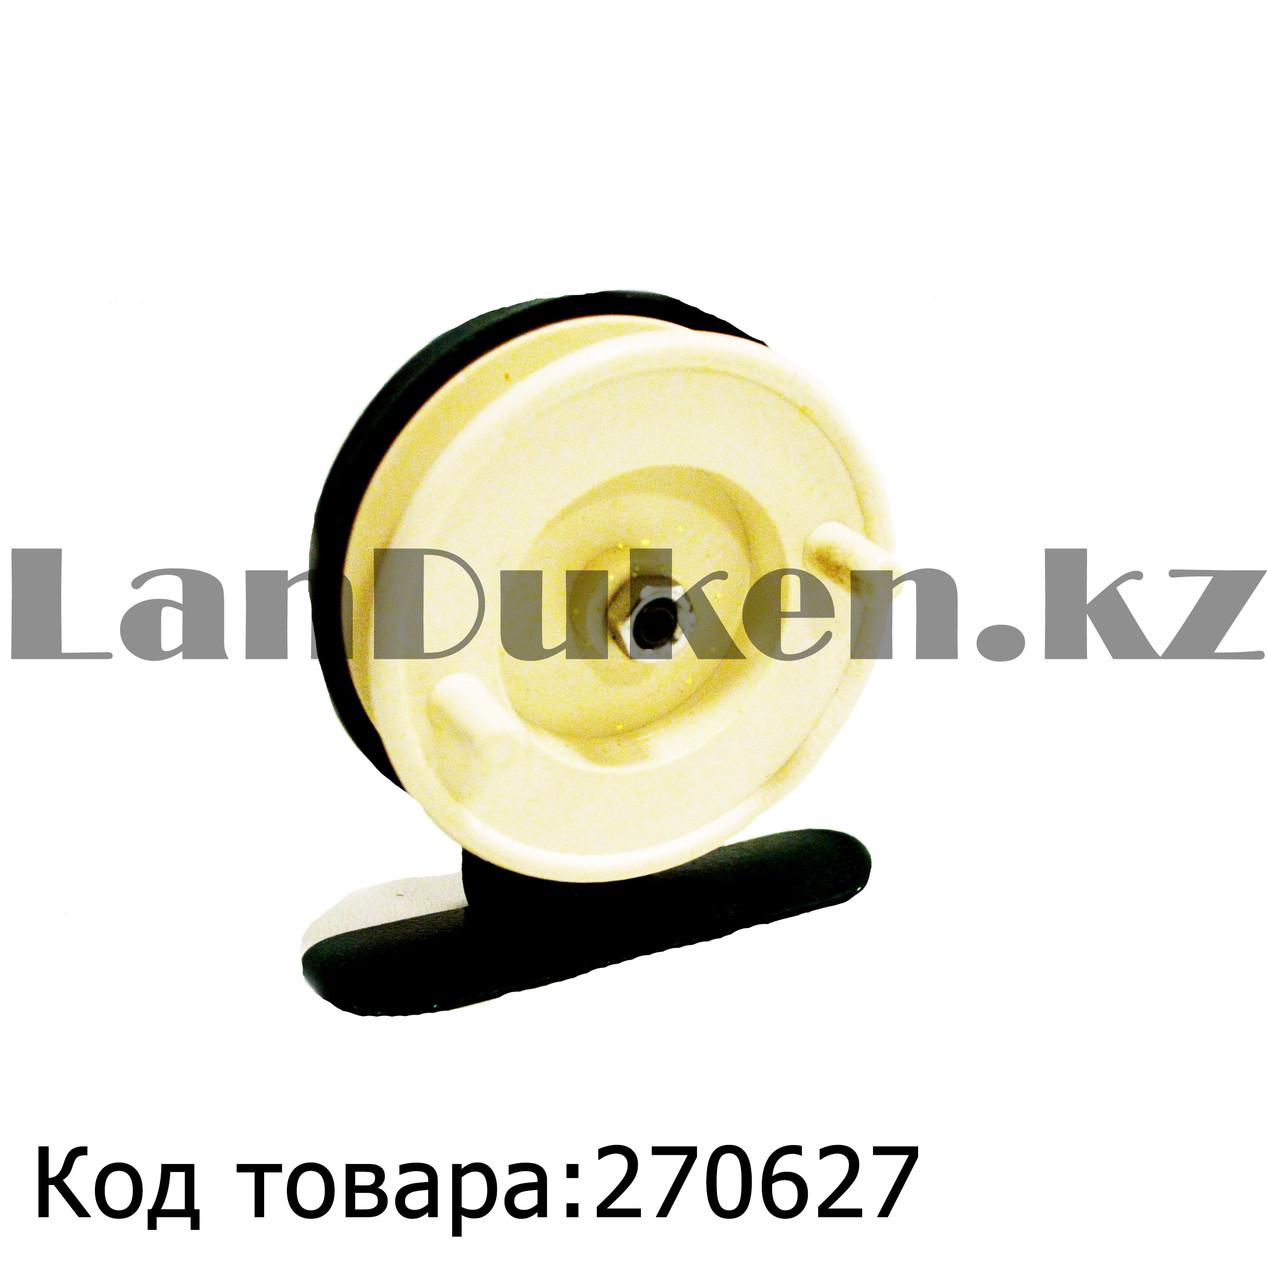 Инерционная катушка для удочки металлическая - фото 1